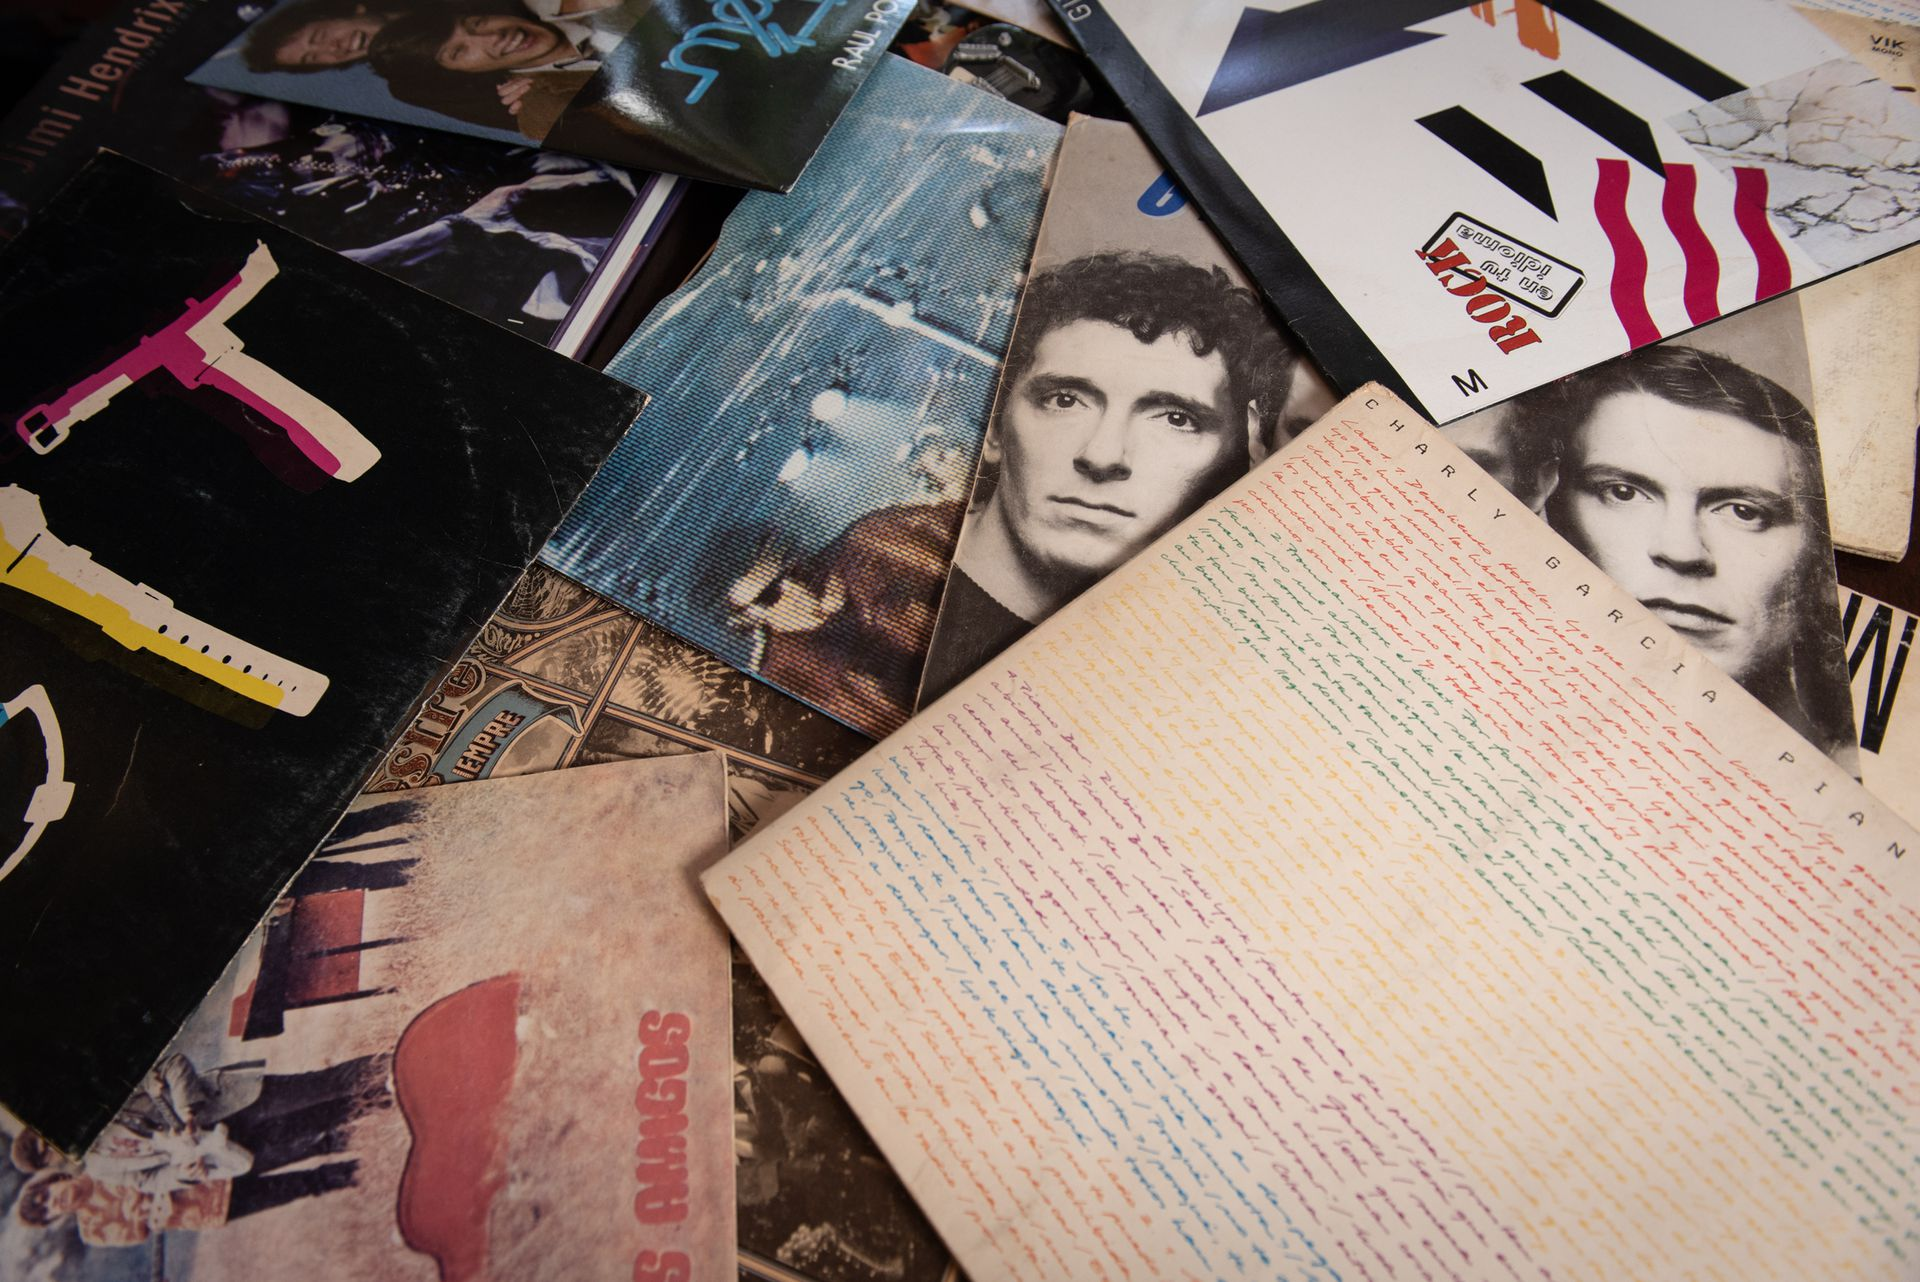 Discos y más discos